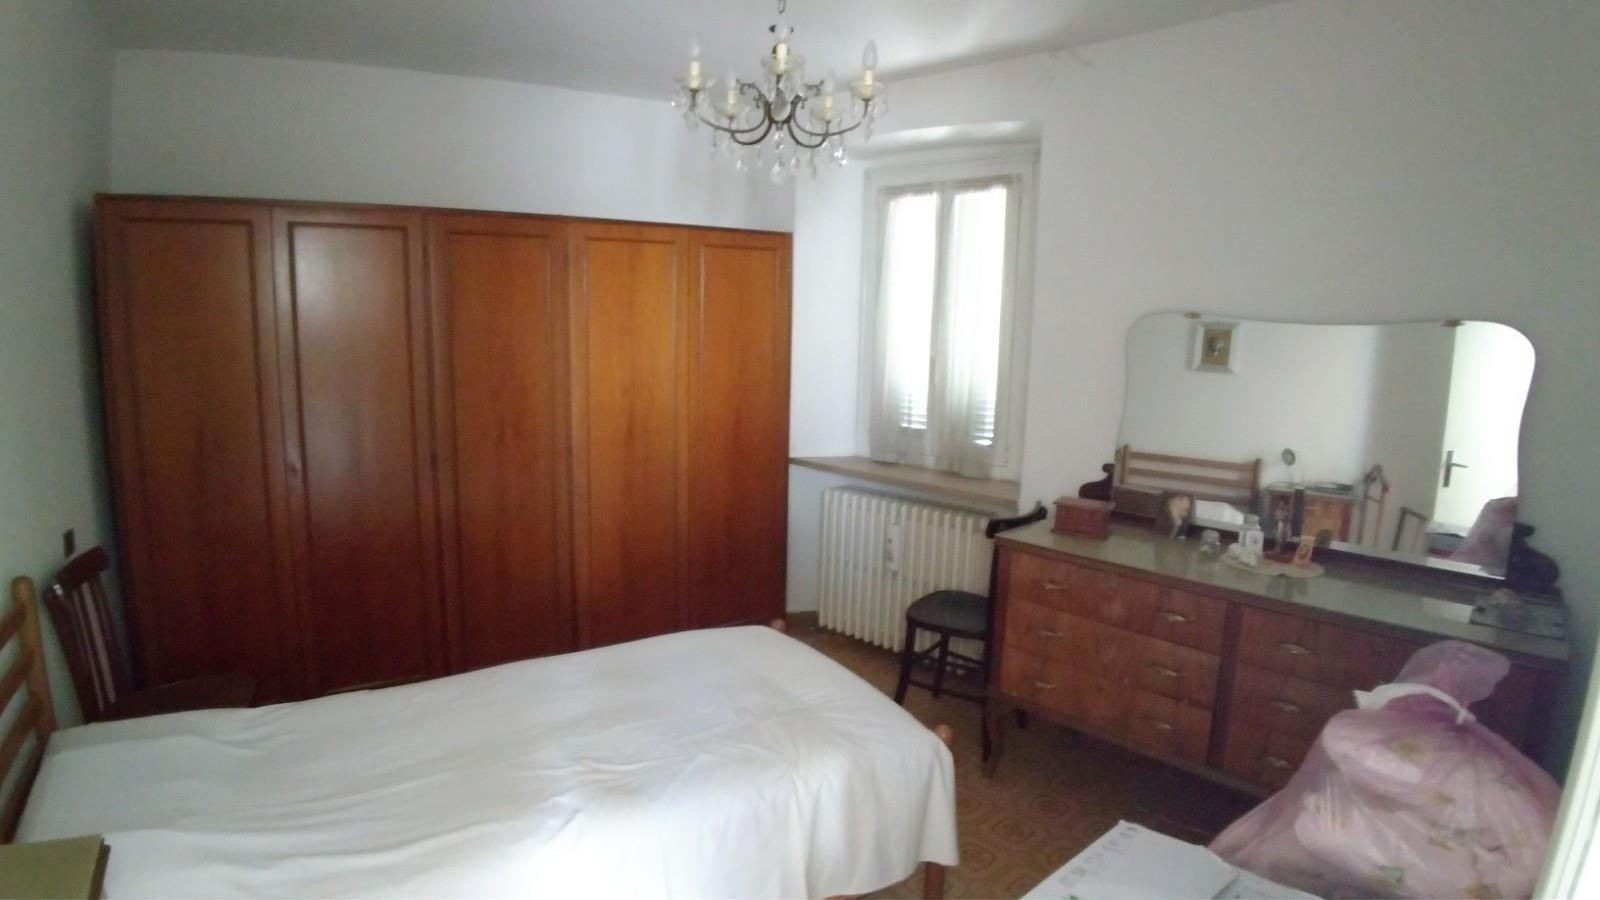 Foto 7 - Casa indipendente in Vendita - Valgreghentino (Lecco)